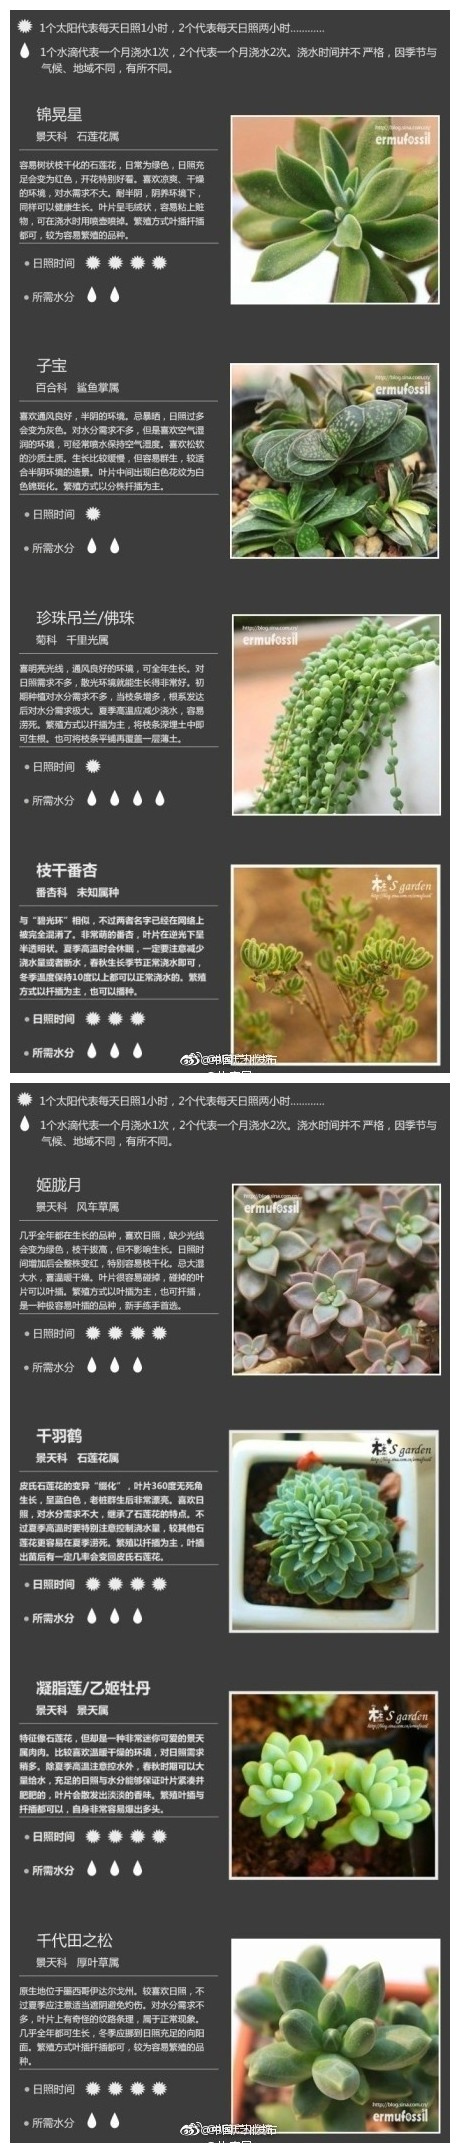 多肉植物怎么养?36种常见多肉植物种植攻略一览